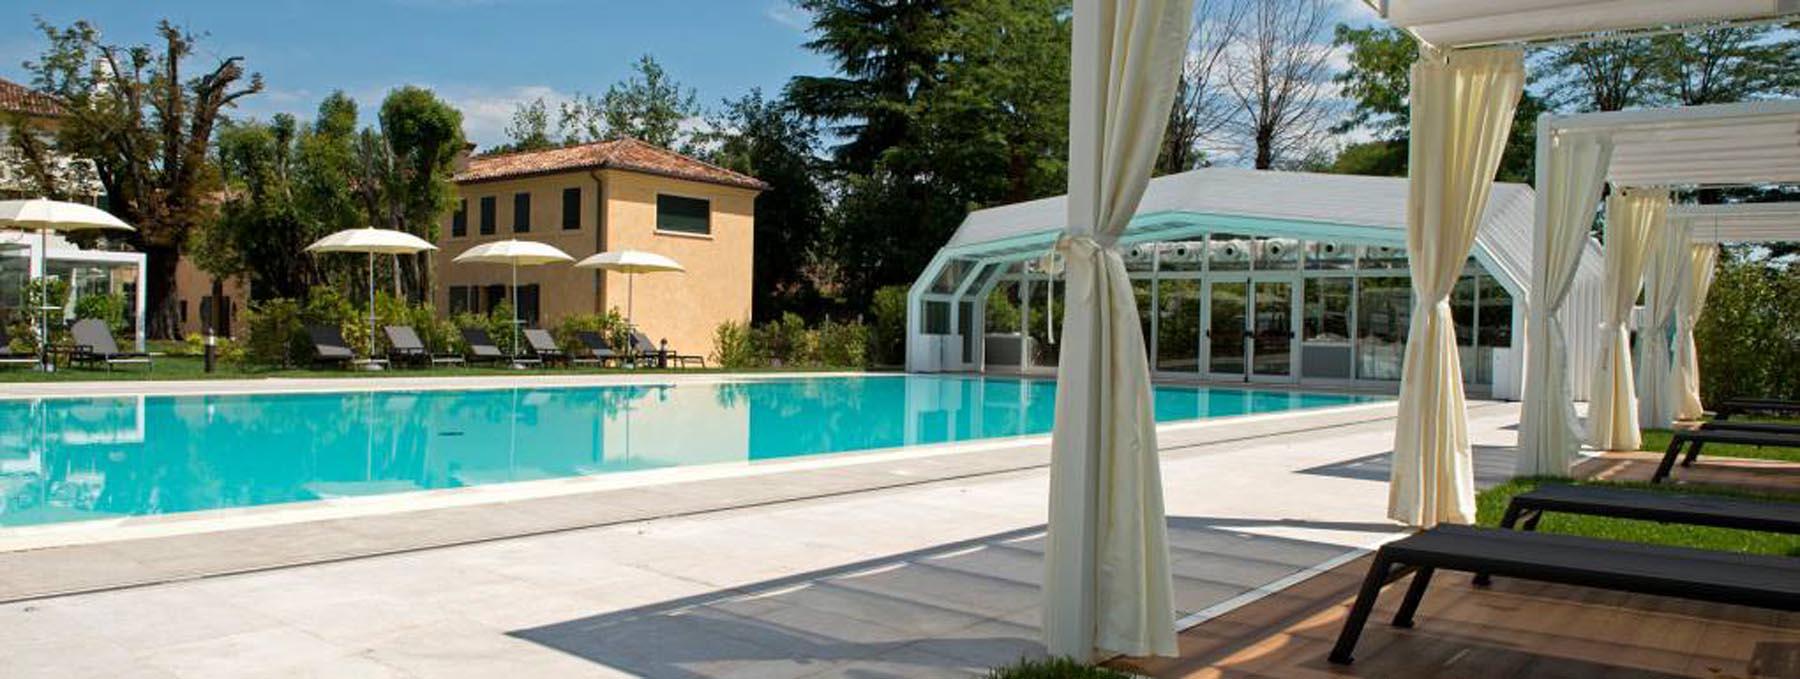 La Piscina centro benessere Treviso rivestita con Marmo Grolla